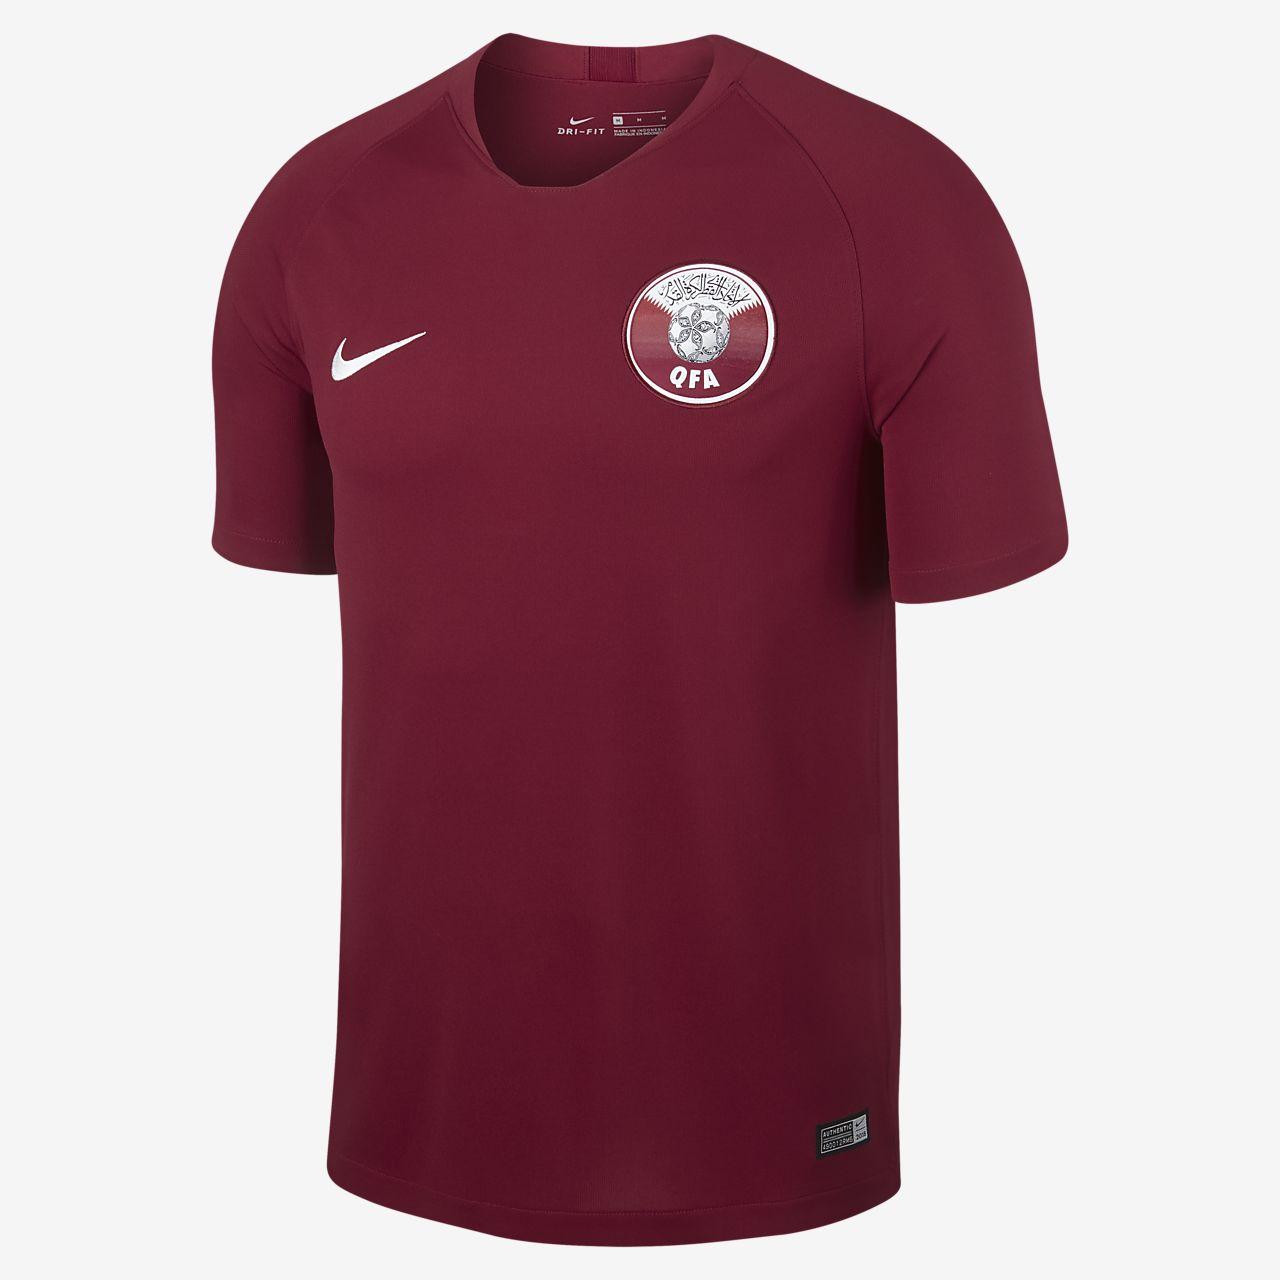 2018 Qatar Stadium Home férfi futballmez